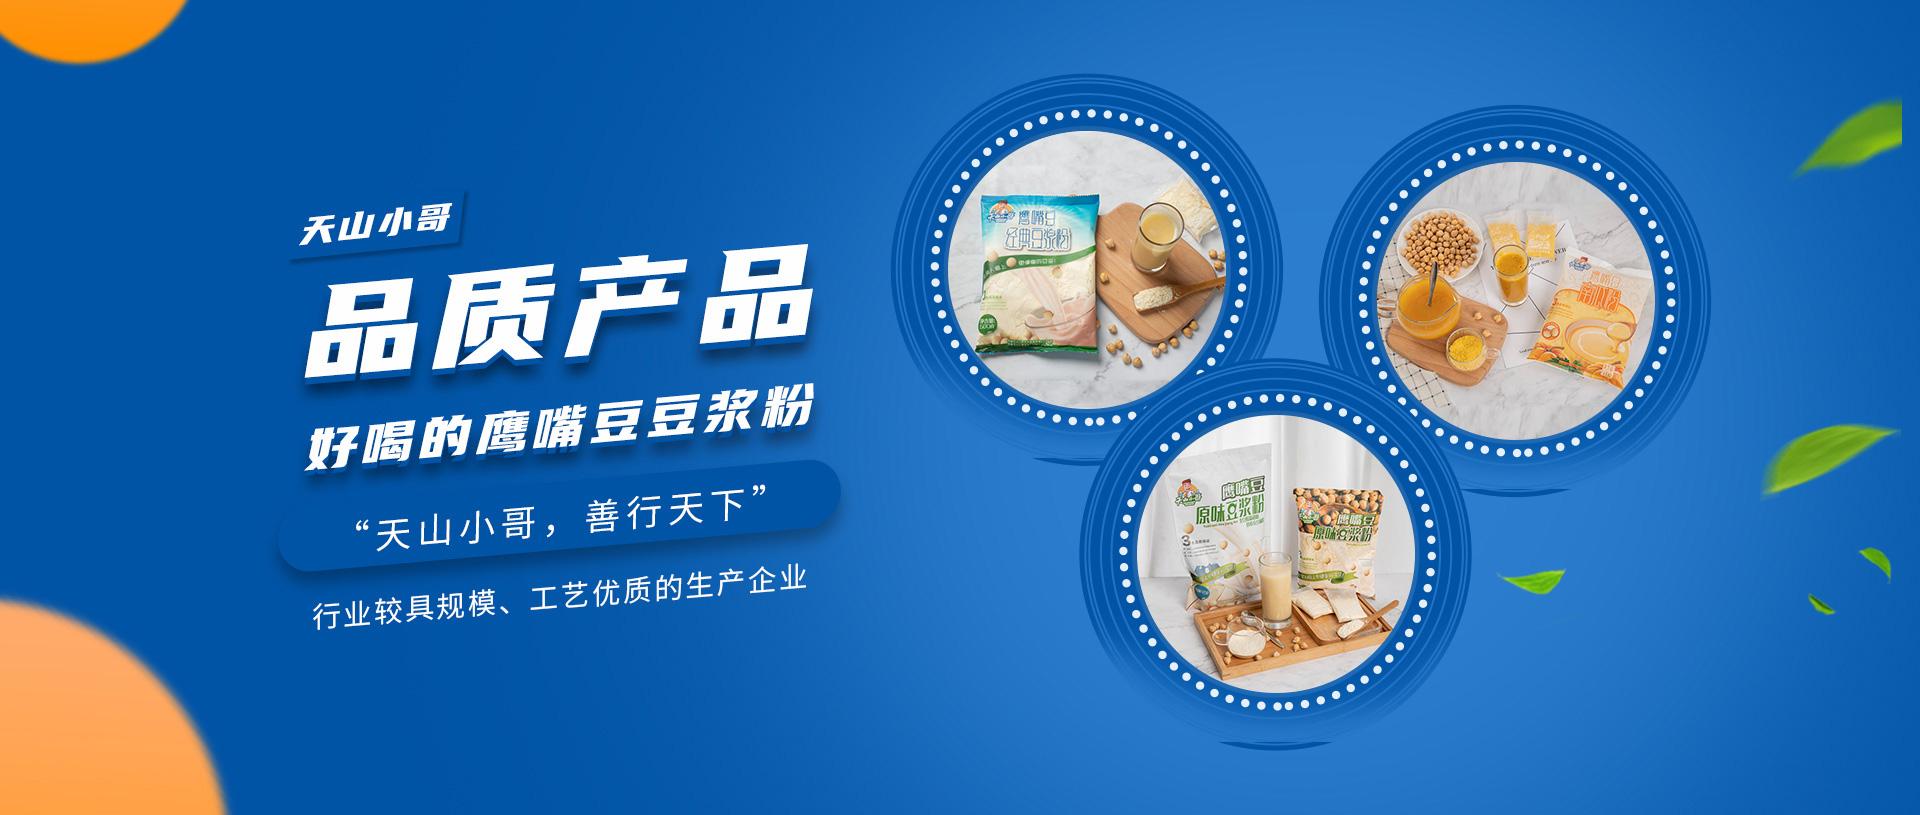 新疆鹰嘴豆胚芽营养粉